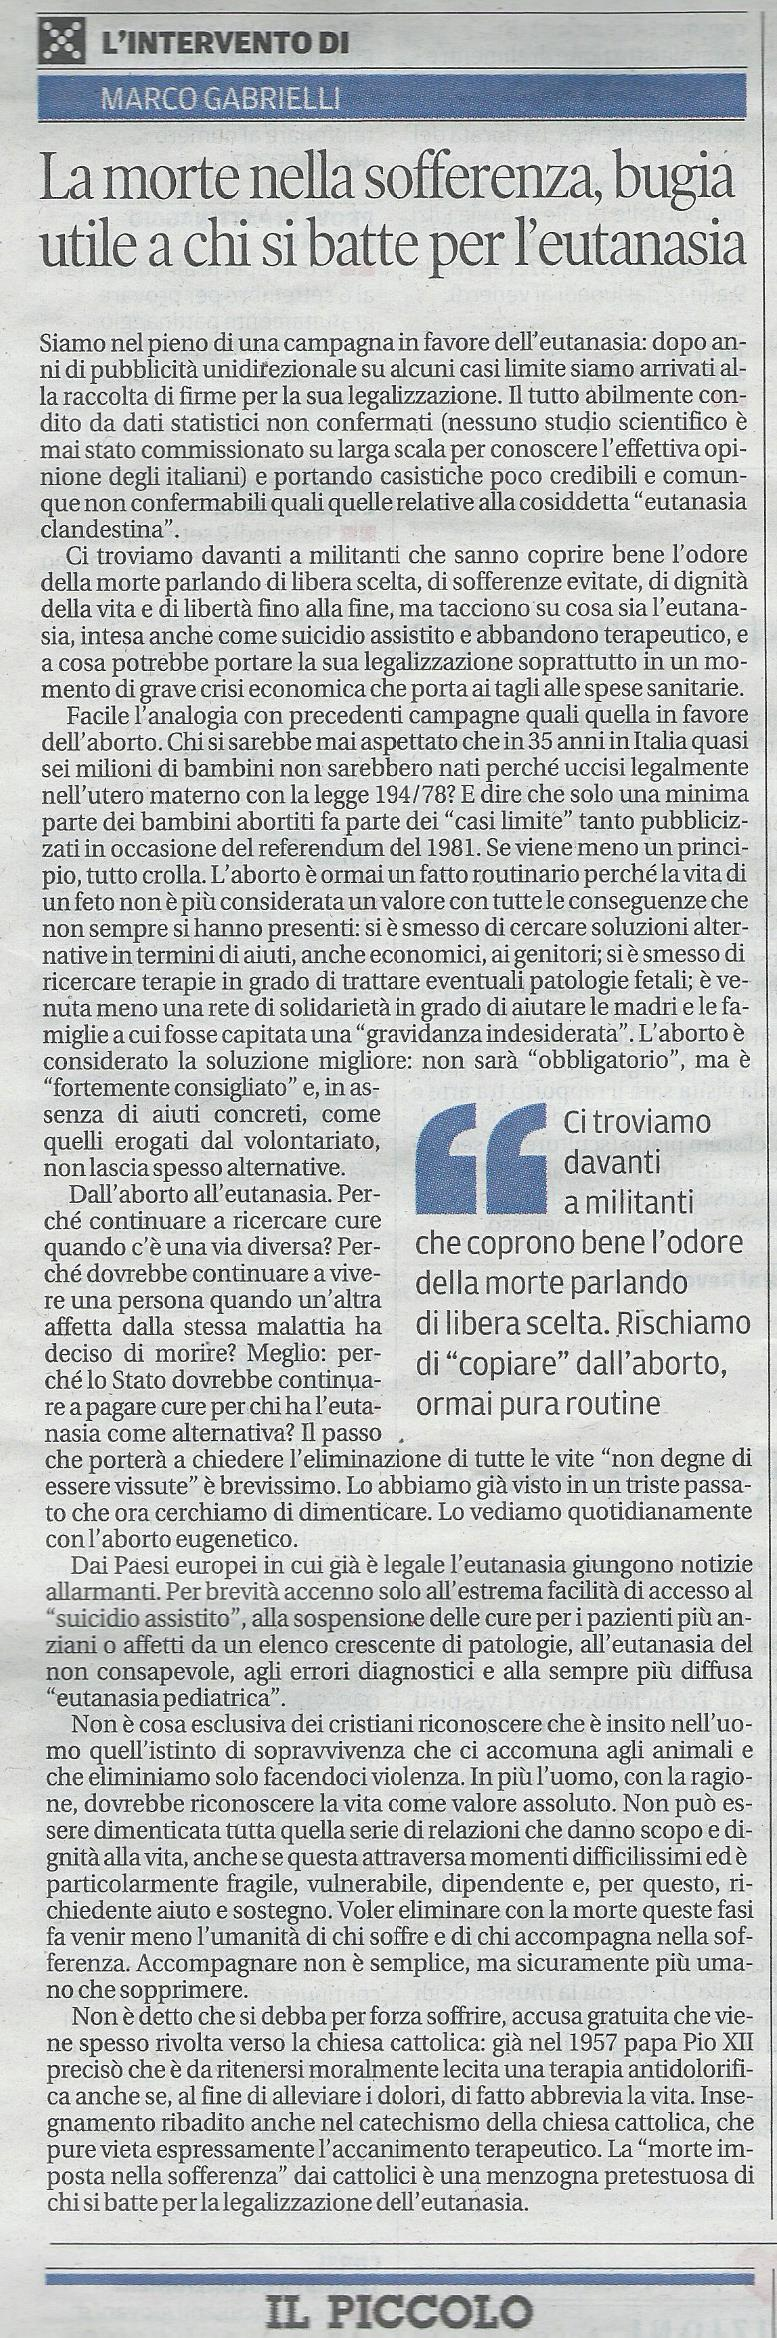 2013-08-29 Il Piccolo pagina 32